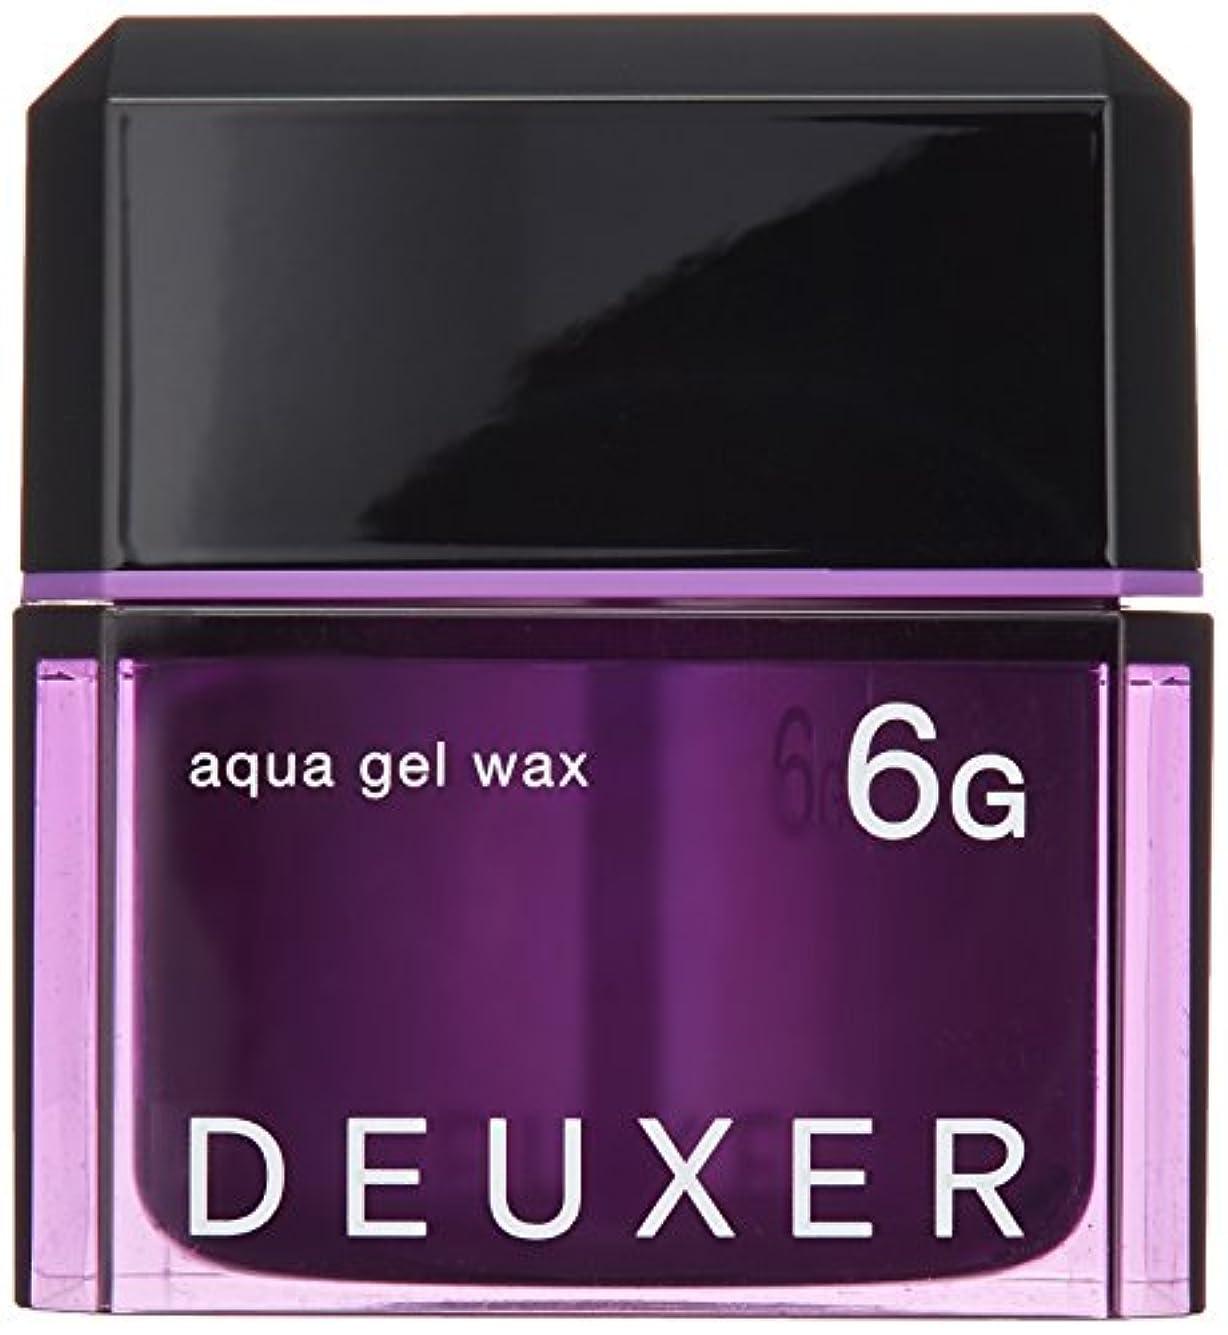 超えて歴史的まとめるナンバースリー DEUXER(デューサー) アクアジェルワックス 6G 80g